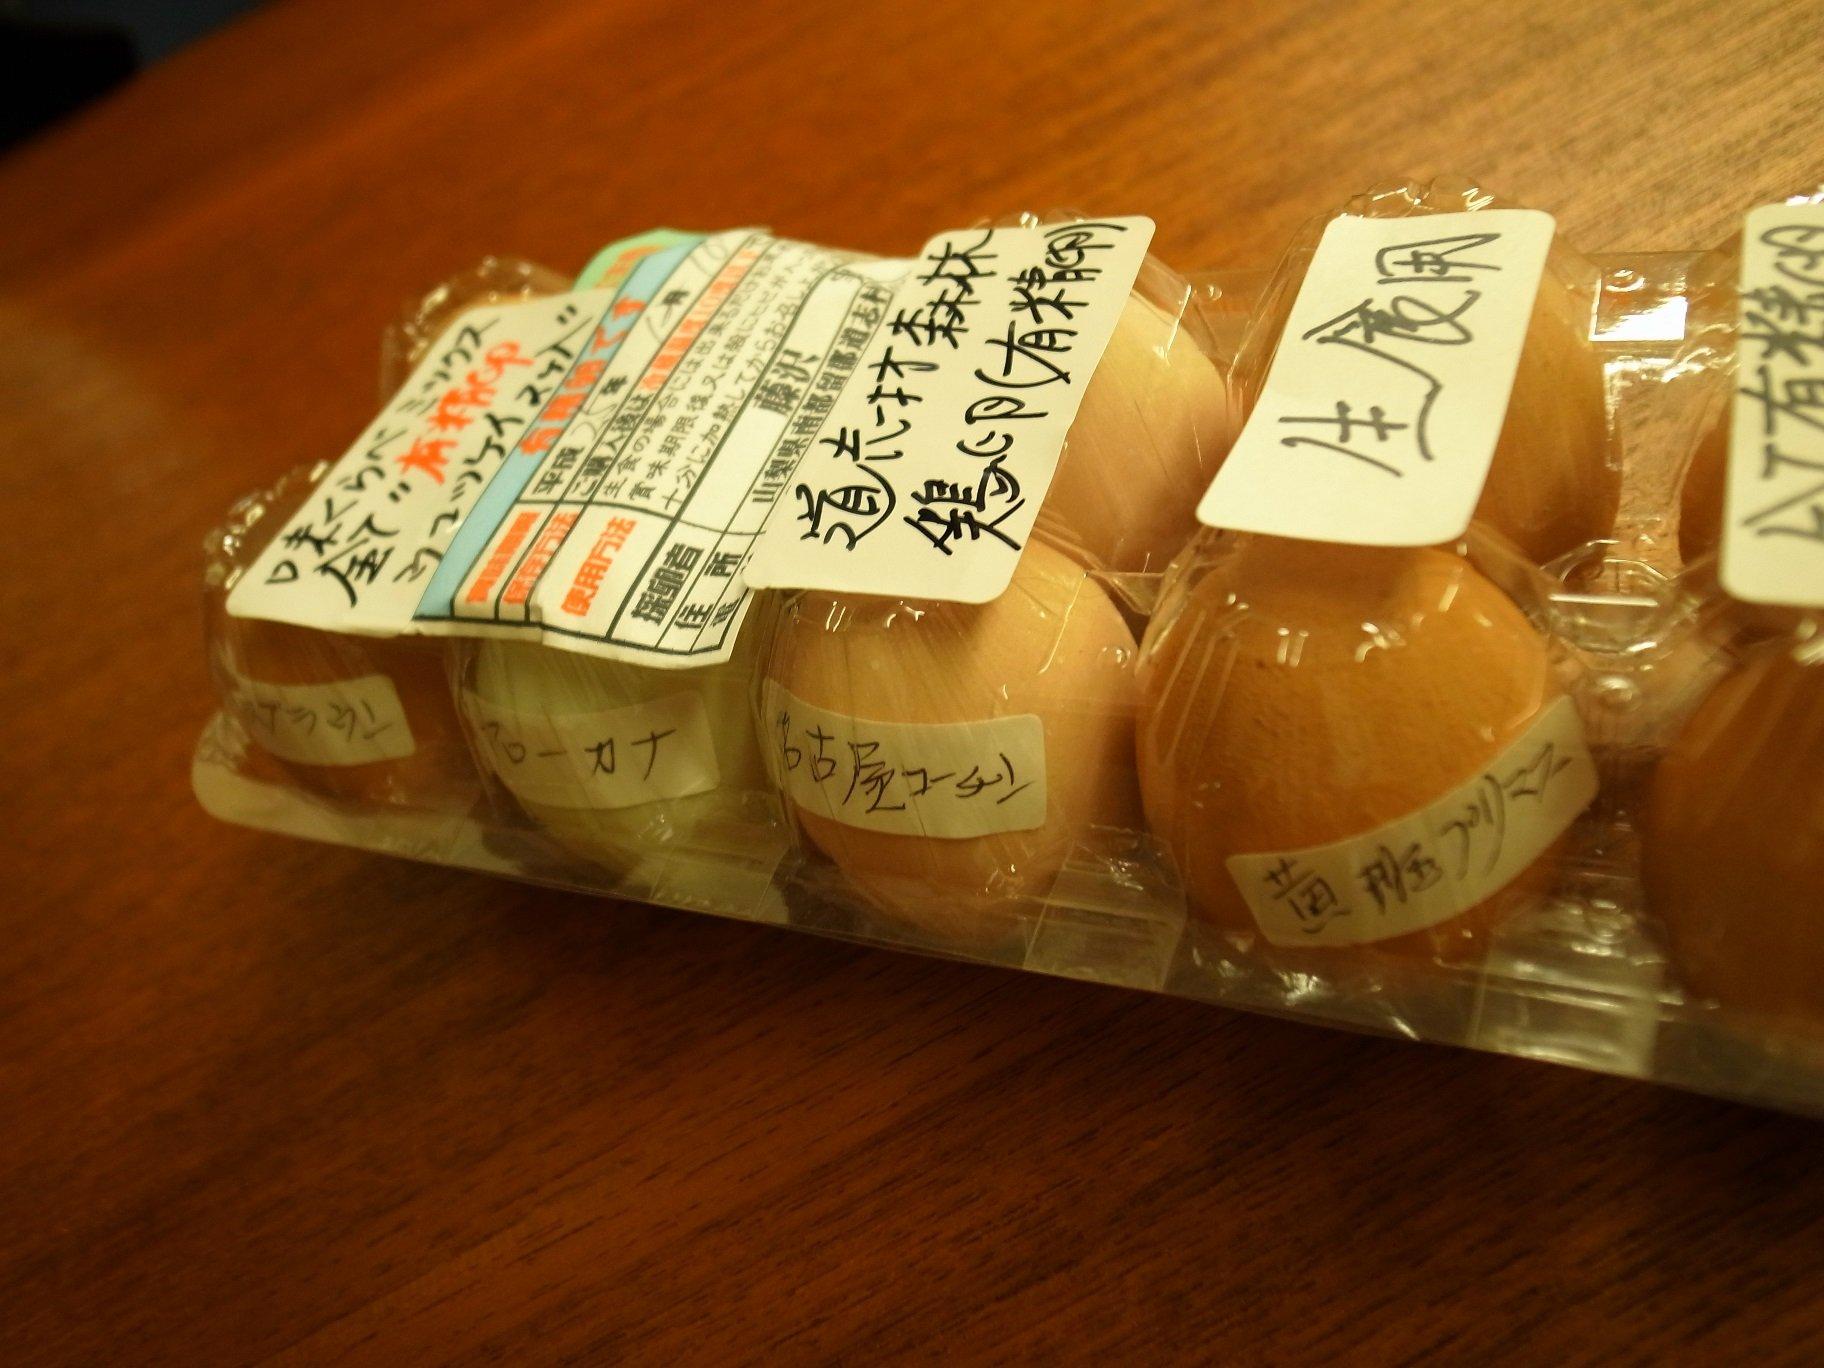 大渡の水汲み所で有精卵を買いました